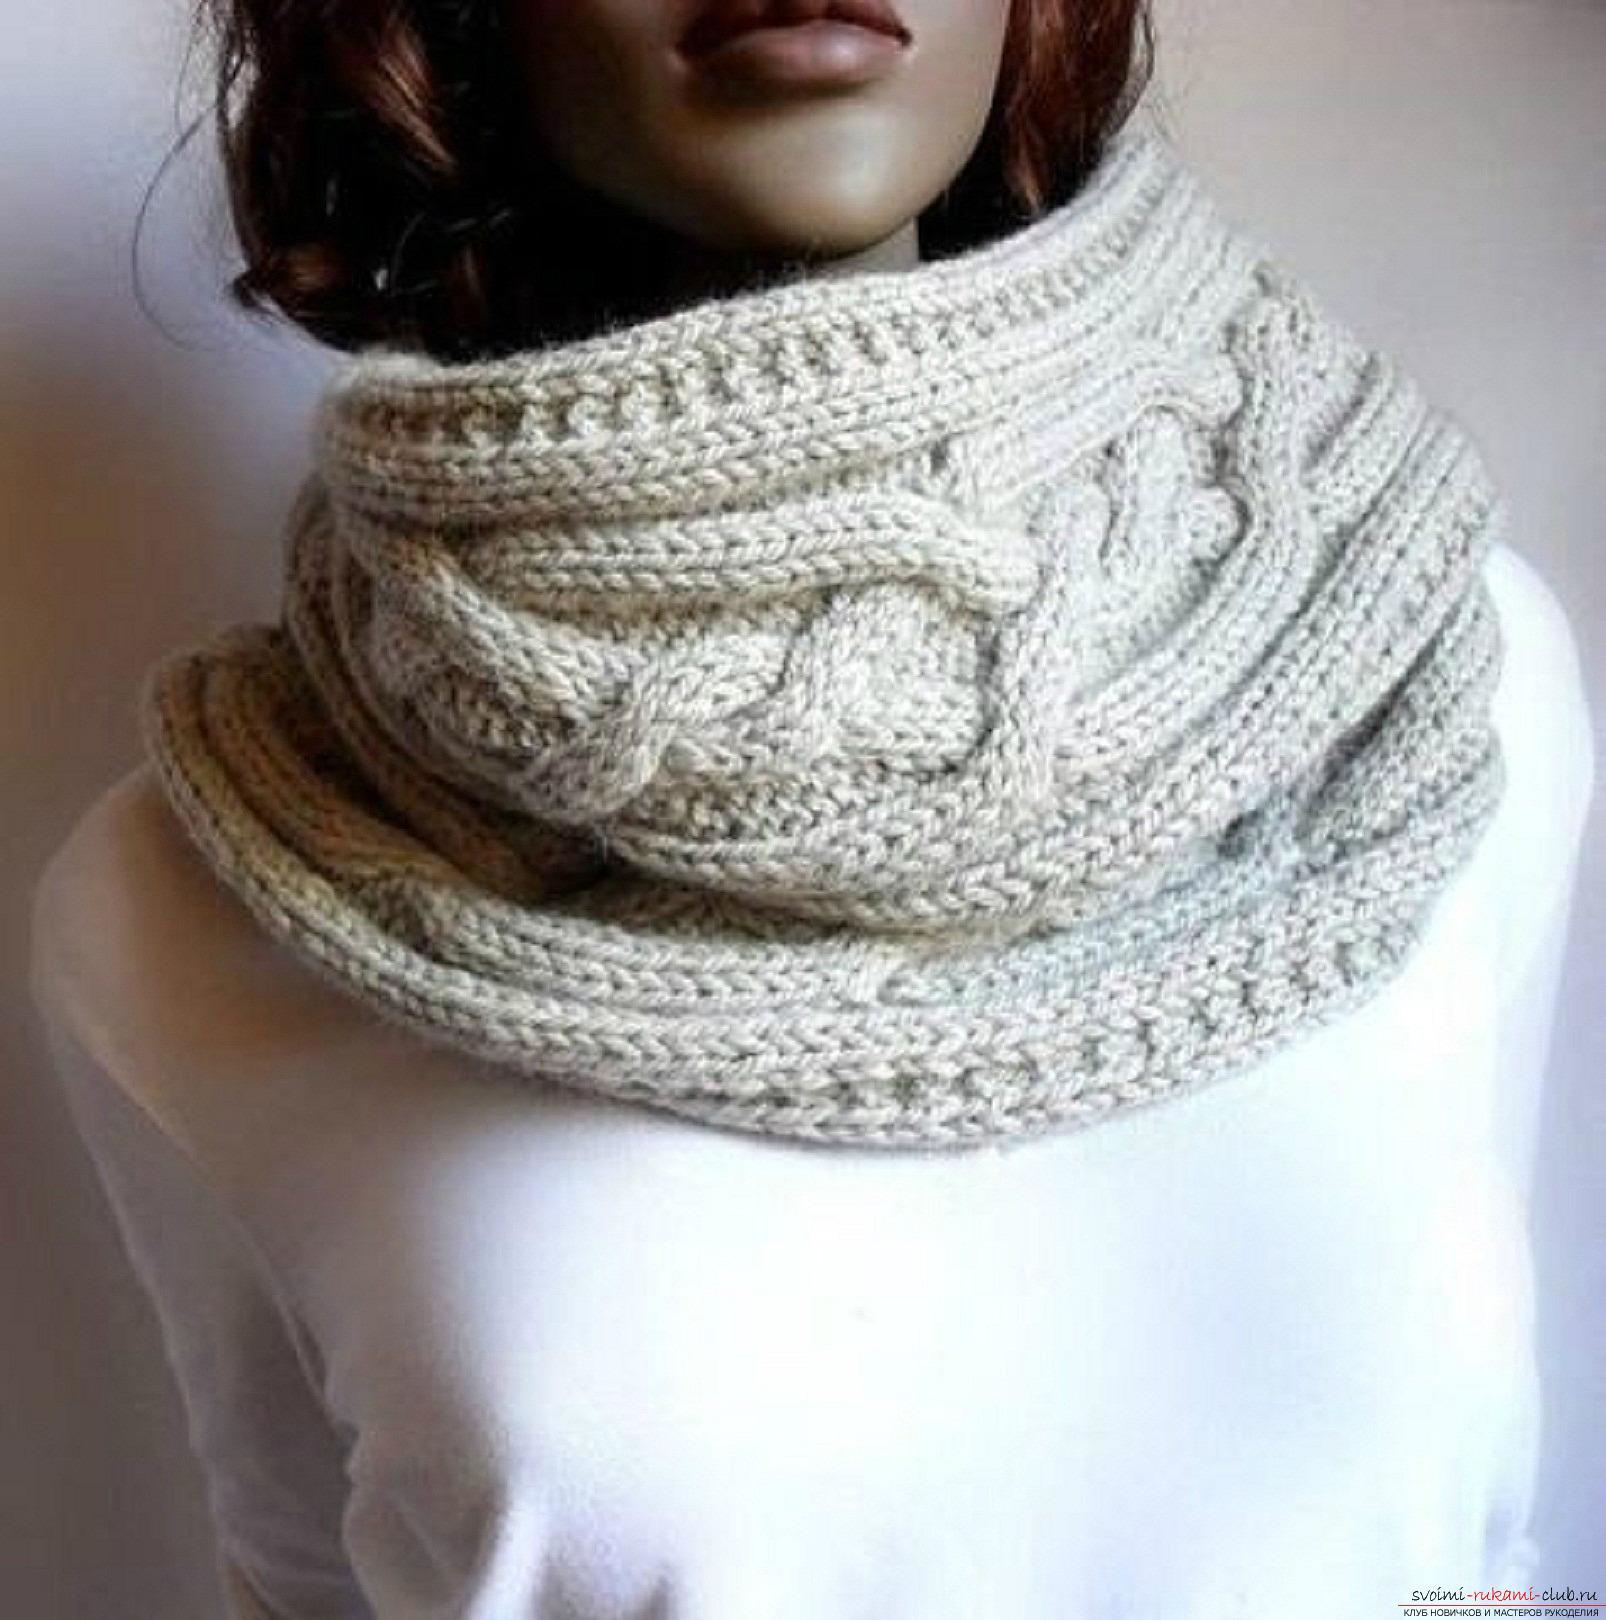 Вязаный спицами шарф-трансформер для женщин. Подробная схема с описанием и фото. Фото №1